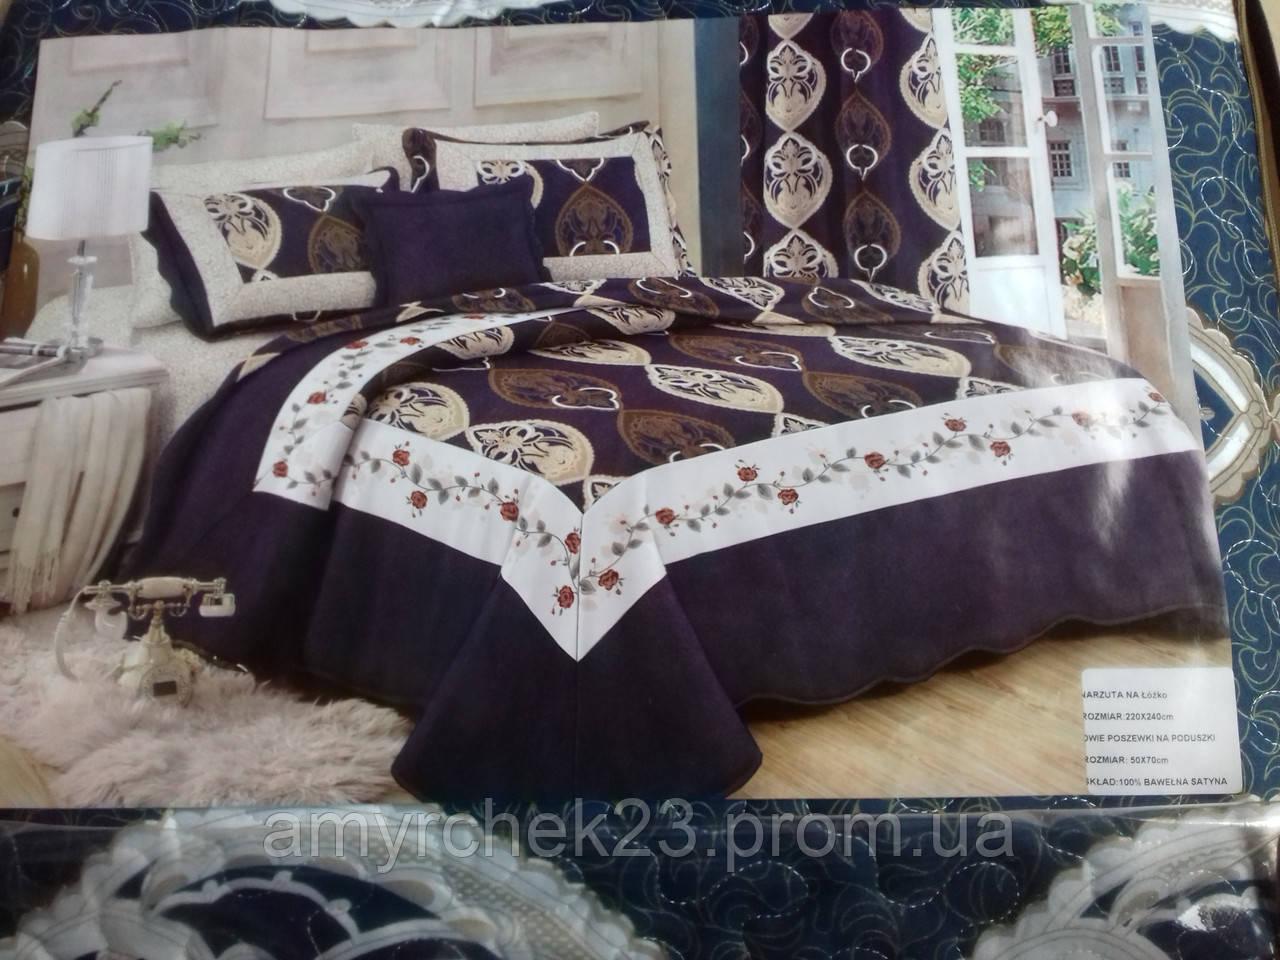 Покрывало на кровать с наволочками евро размер стеганое разные расцветки 8a183cac8a9b2